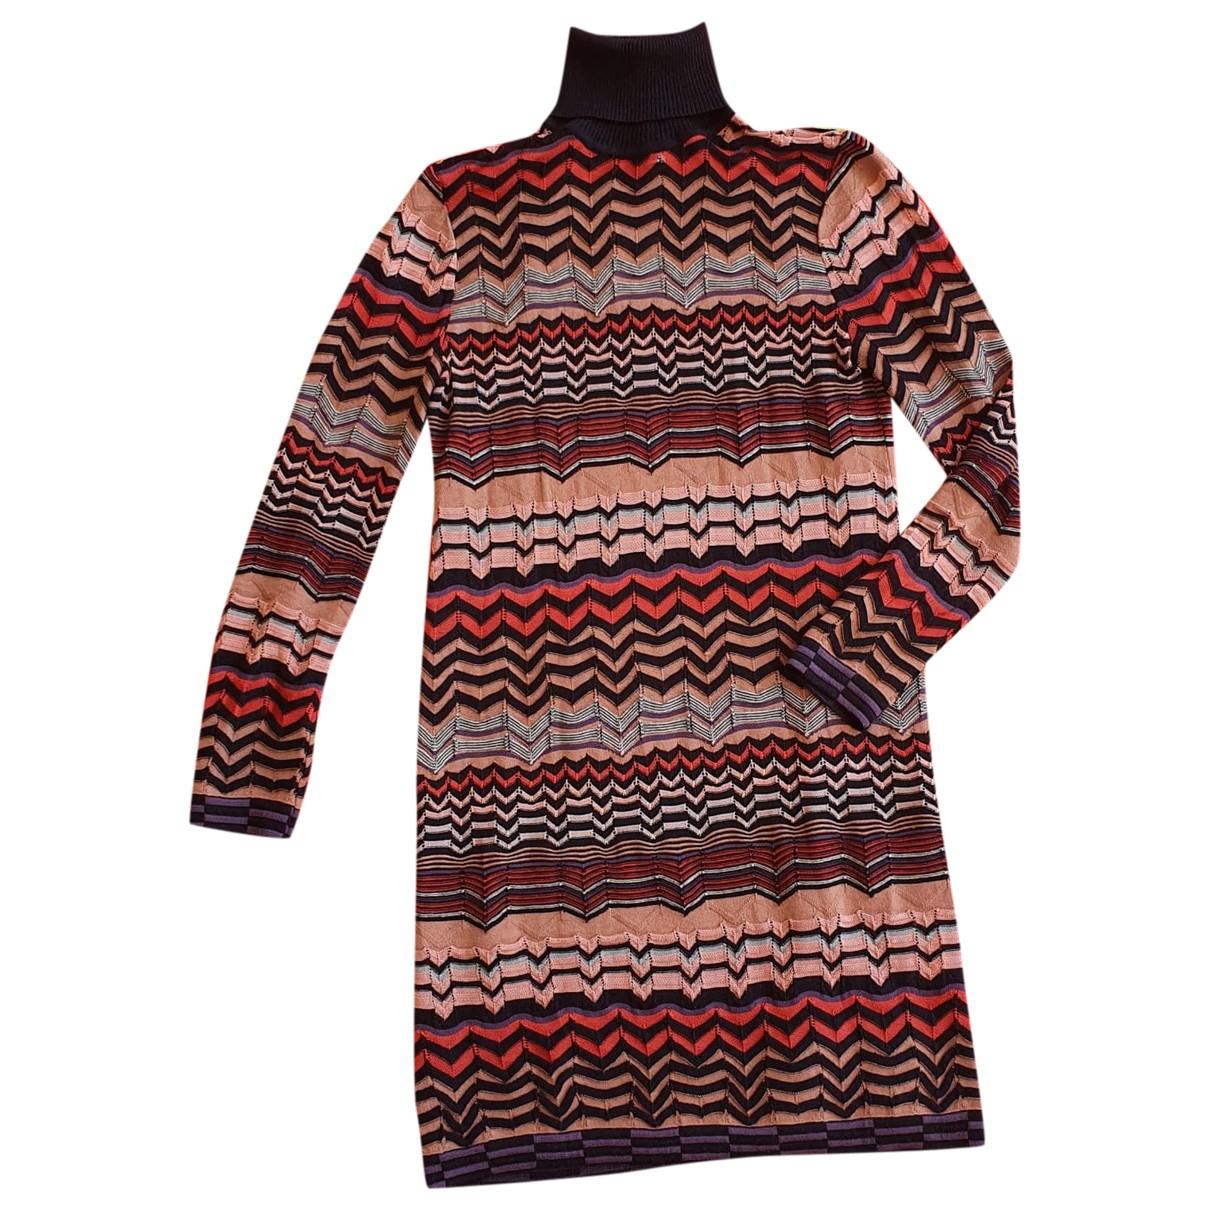 M Missoni \N Kleid in  Bunt Synthetik